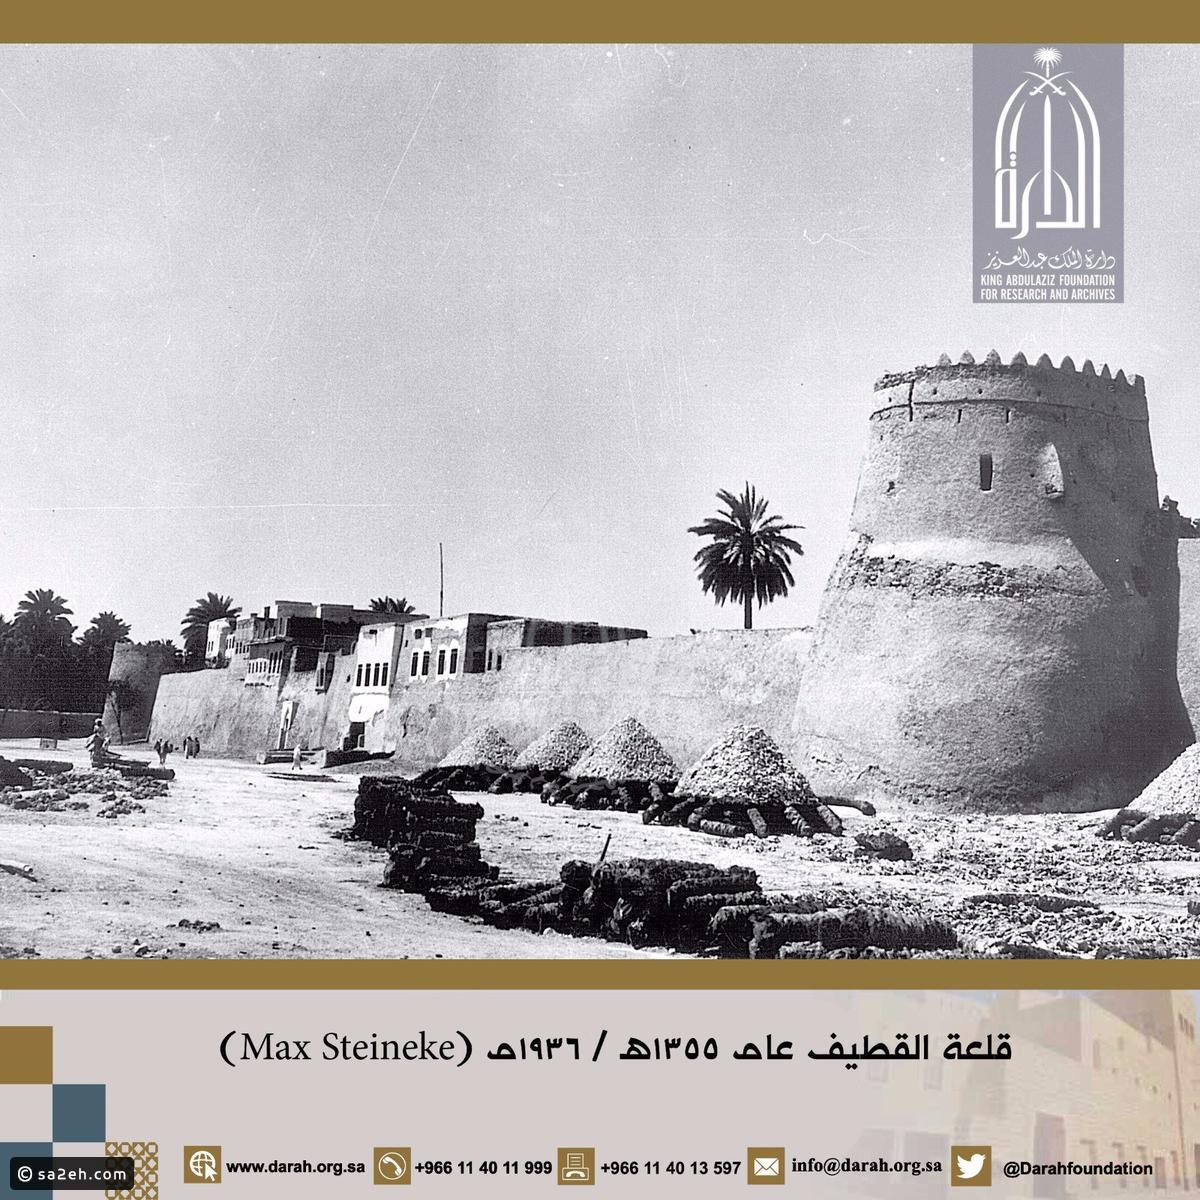 awww.alqiyady.com_site_images_sites_default_files_alqiyady_proa35a74079cfaa71c86f421538f131d4e.